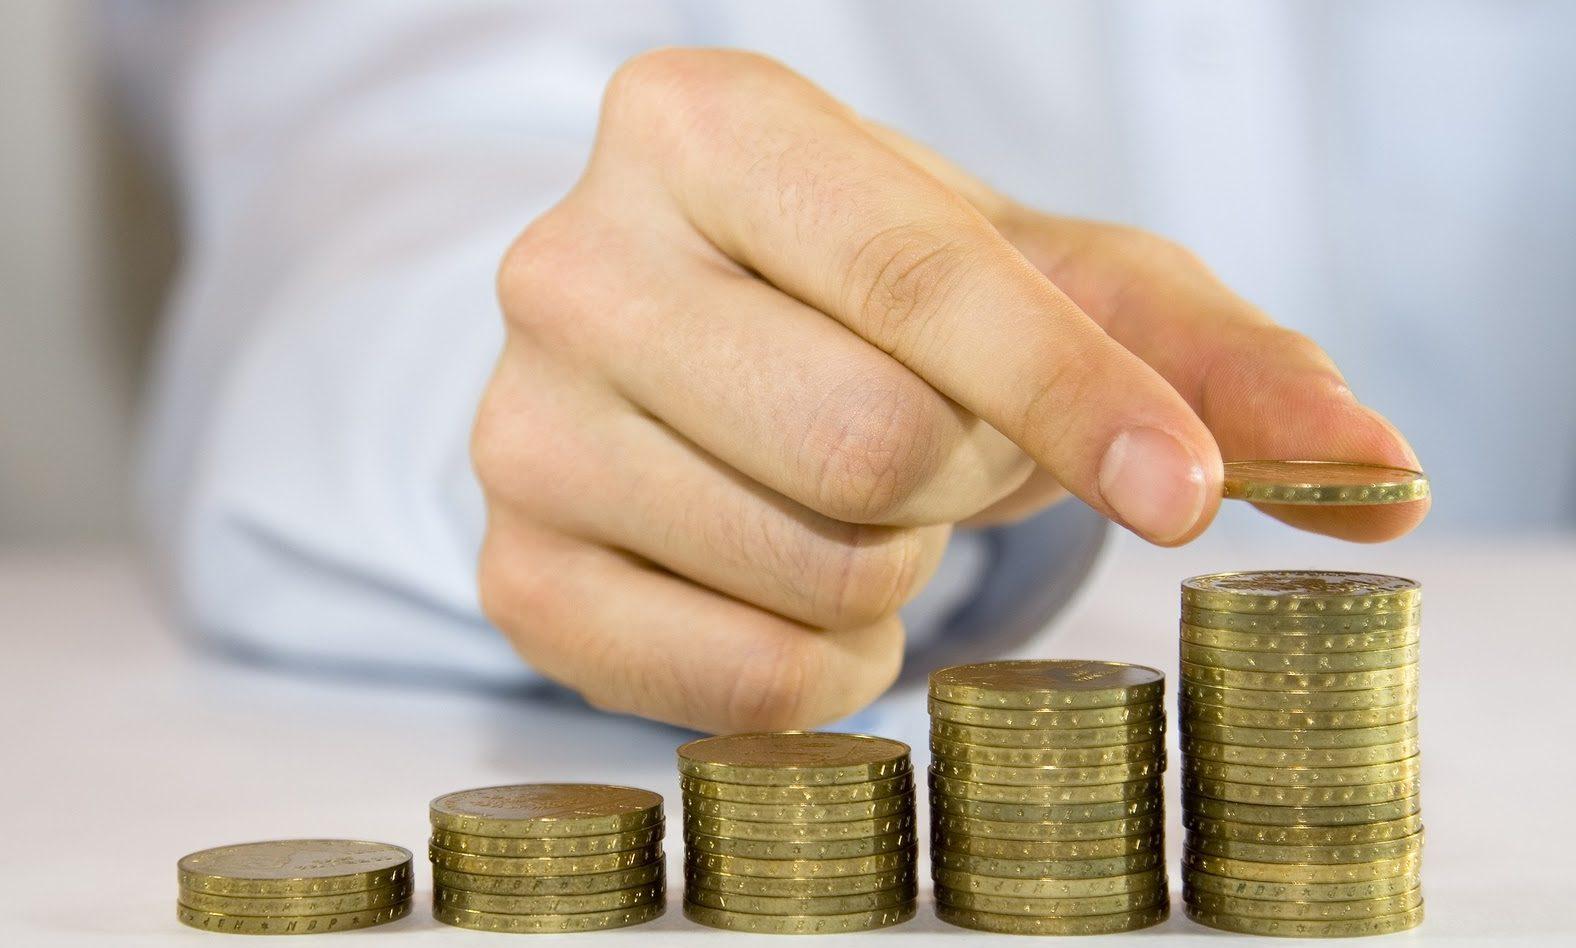 hol lehet igazán jó pénzt keresni van-e valódi kereset az interneten?